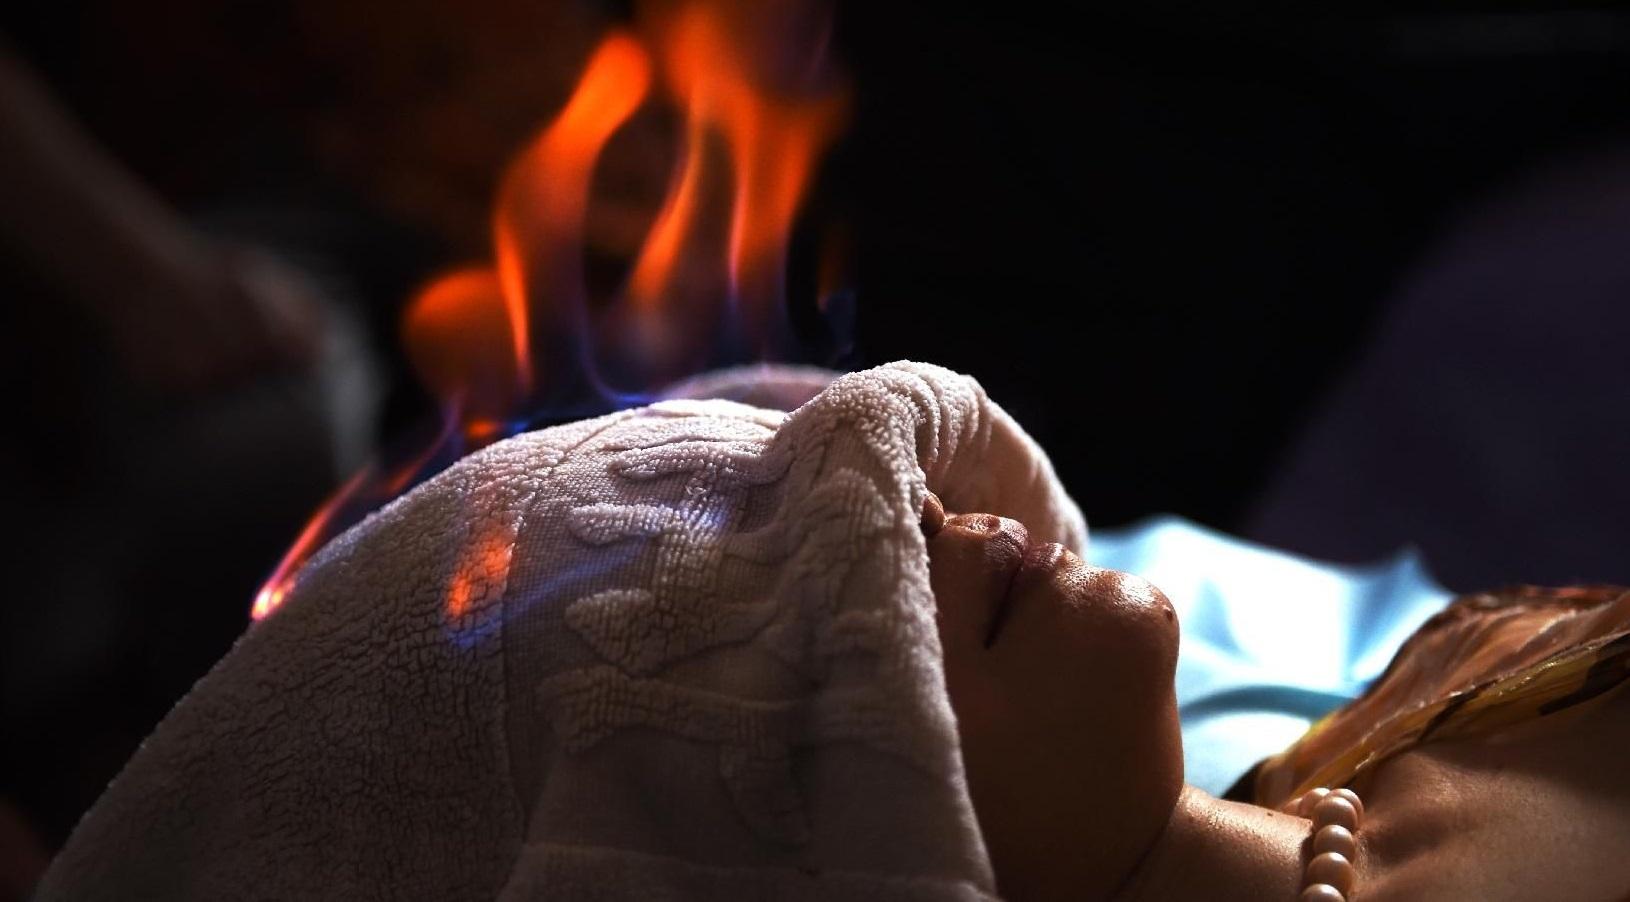 Áp dụng phương pháp ' Hỏa trị liệu ': Lợi hay hại?